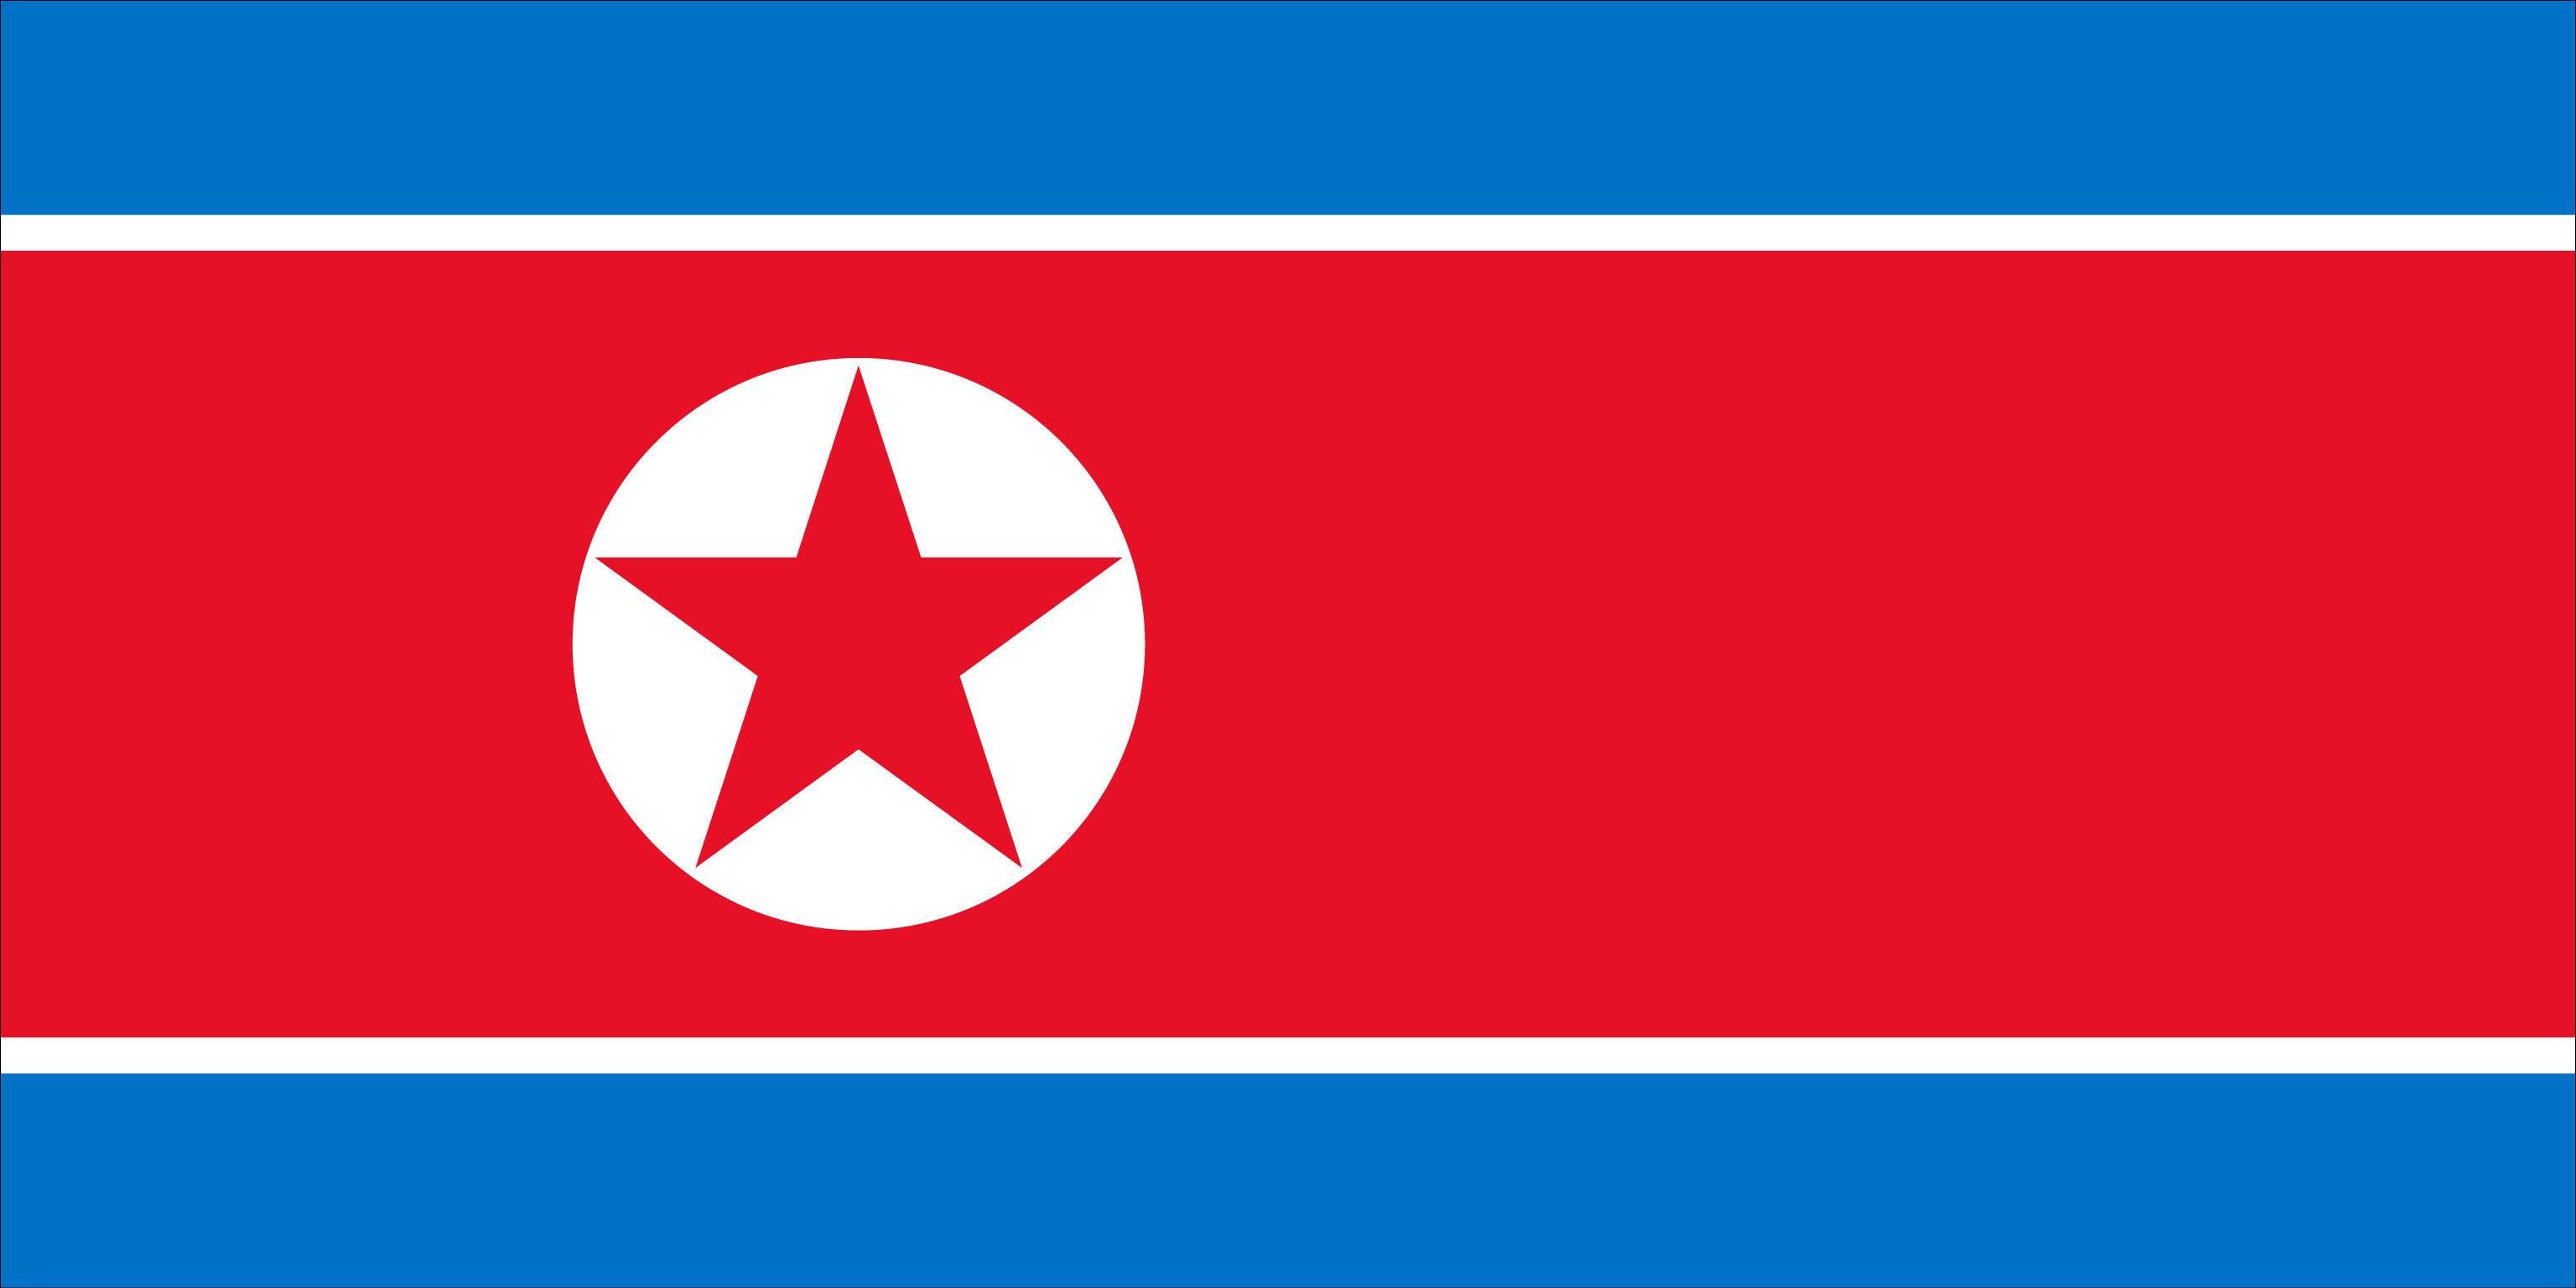 Coreia do Norte - República Democrática Popular da Coreia